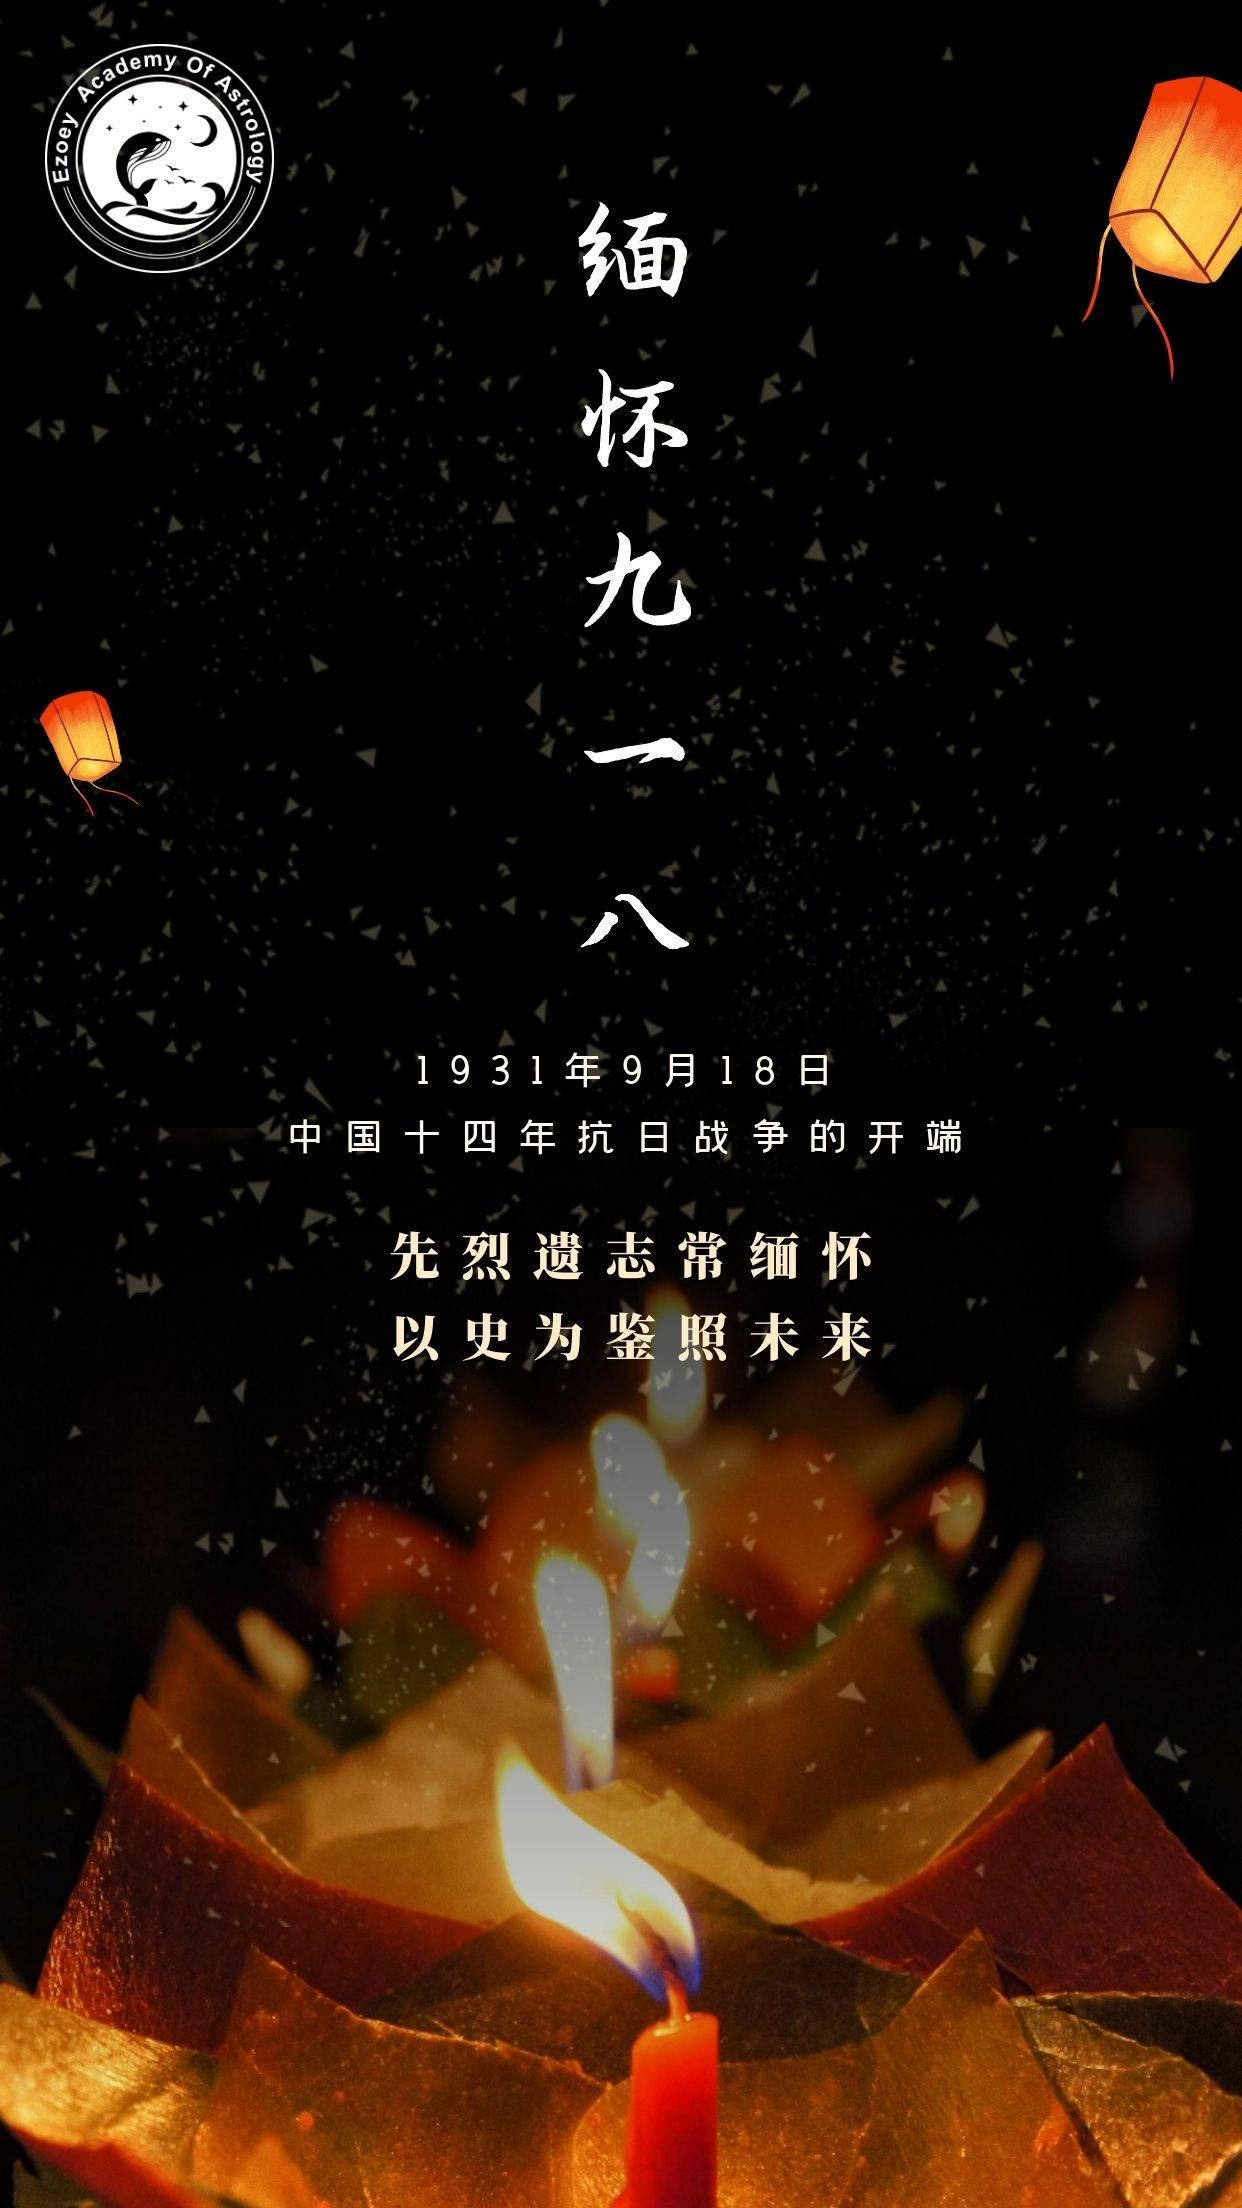 【9.18日运】稳健推进日 月入天秤 日土三合